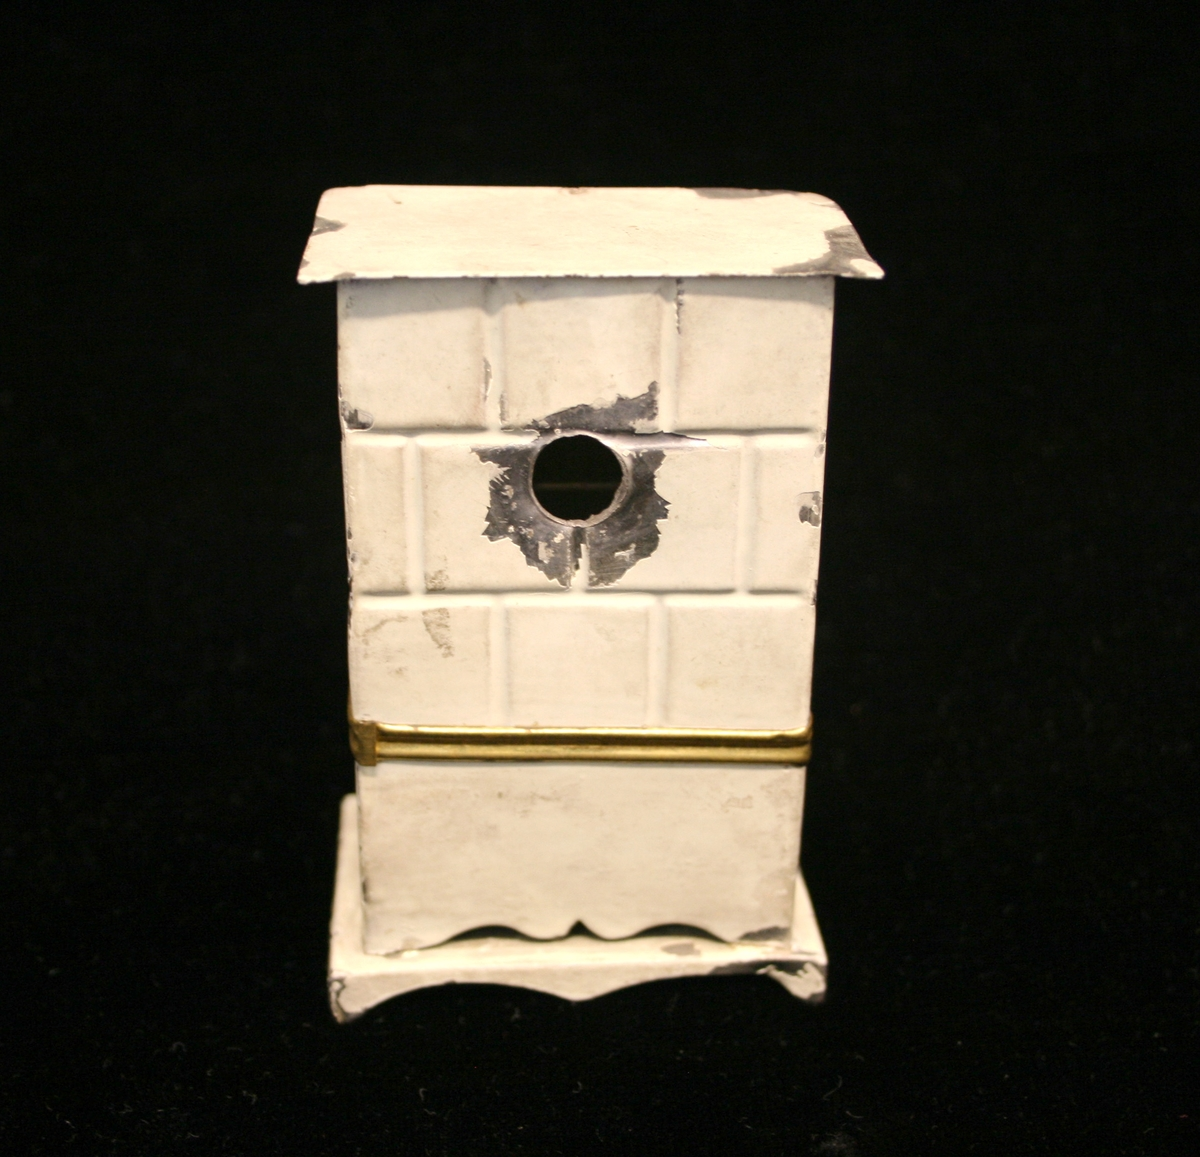 Ovn med messingskuff med dekor på. Gullkant som skiller nedre og øvre del, der øvre del har et støpt firkantet mønster, som hvit fajanseovn.